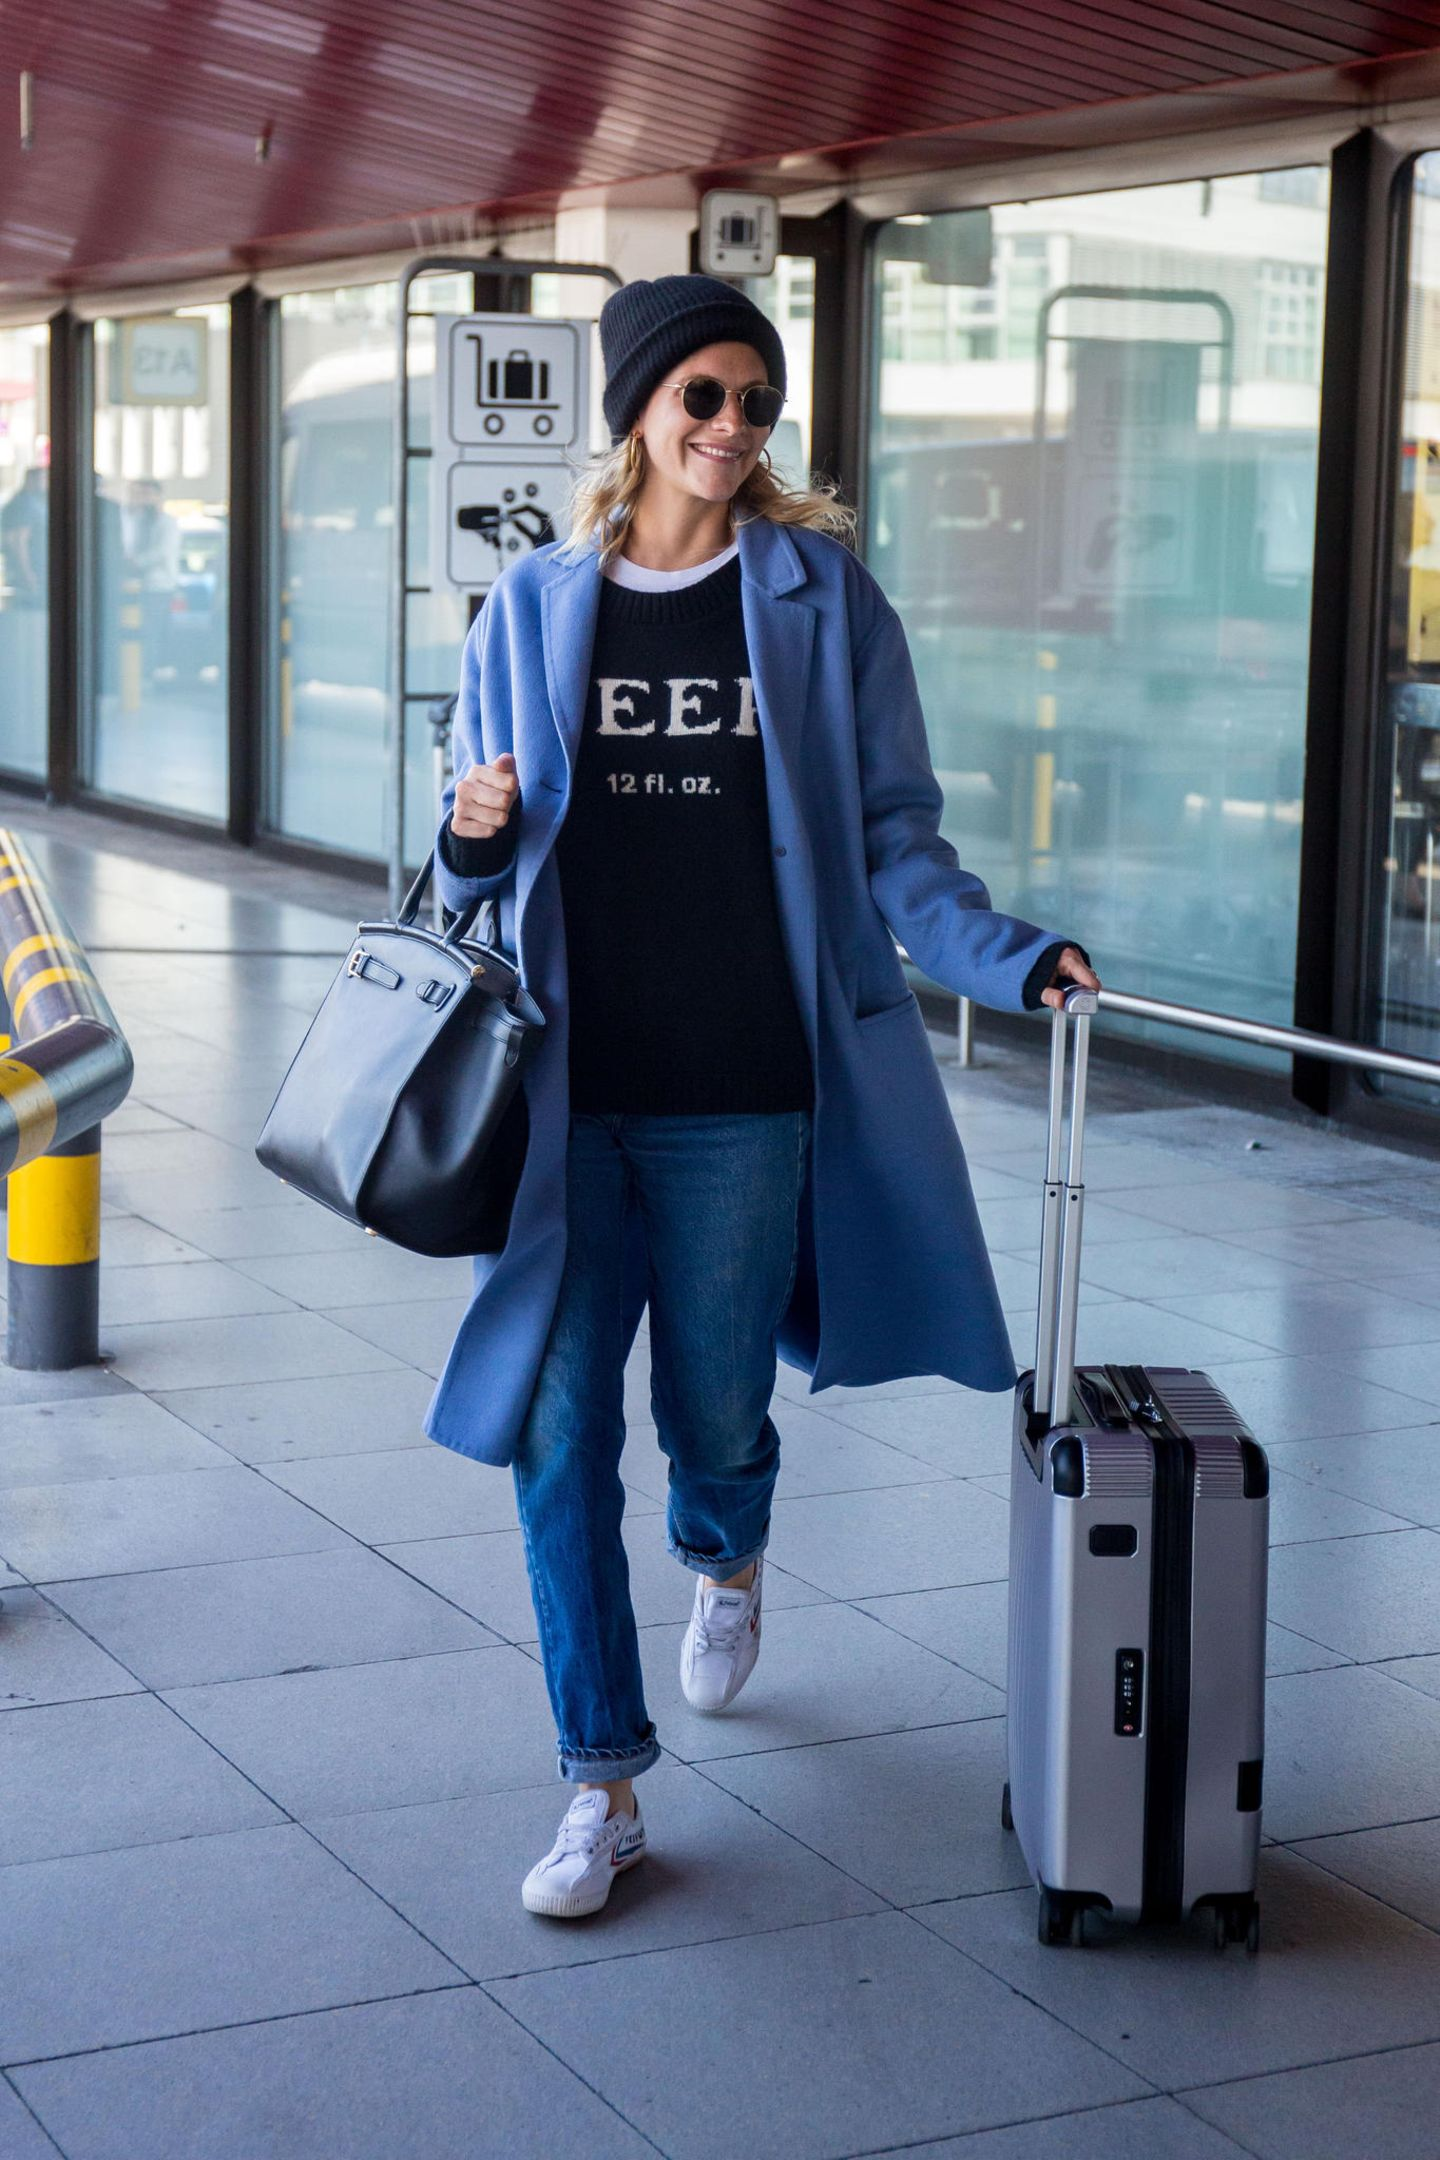 SchauspielerinPoppy Delevingne ist in Berlin angekommen. Das britische Model läuft den Fotografen mit einem strahlenden Lachen entgegen. Dabei trägt sie eine Jeans, ein gemütliches Sweatshirt und einen besonders schönen blauen Mantel.